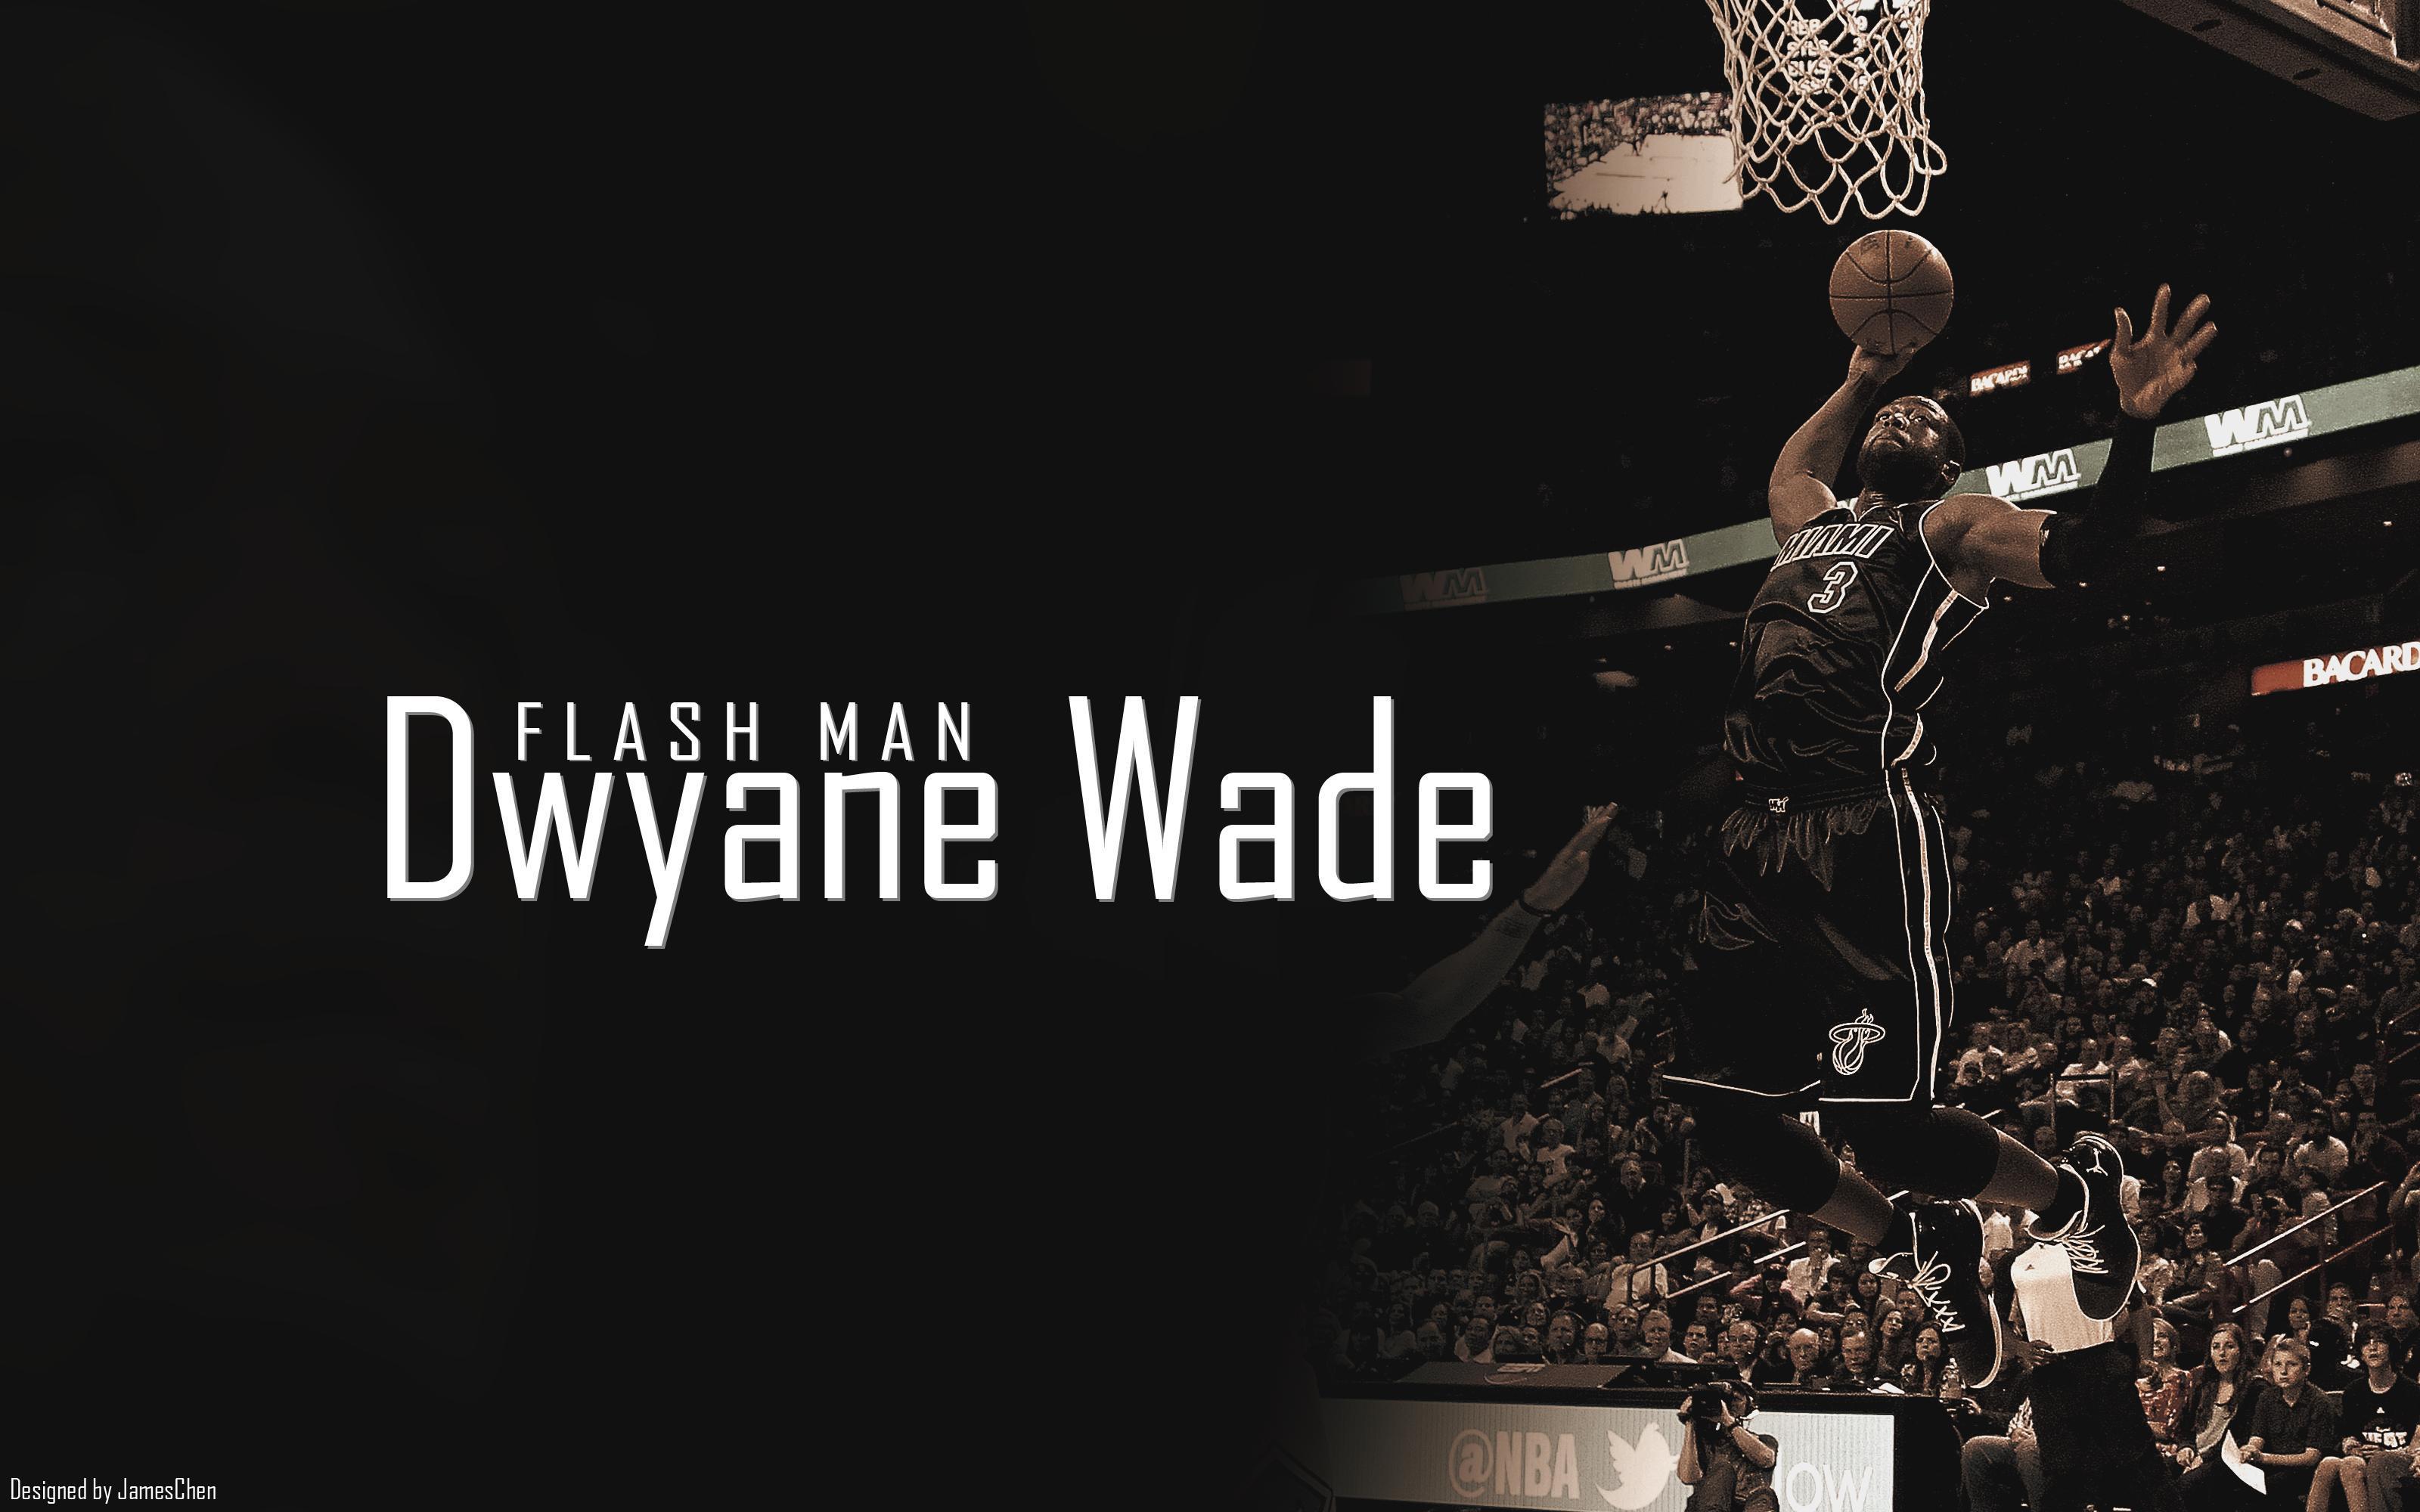 dwyane wade wallpaper 2015